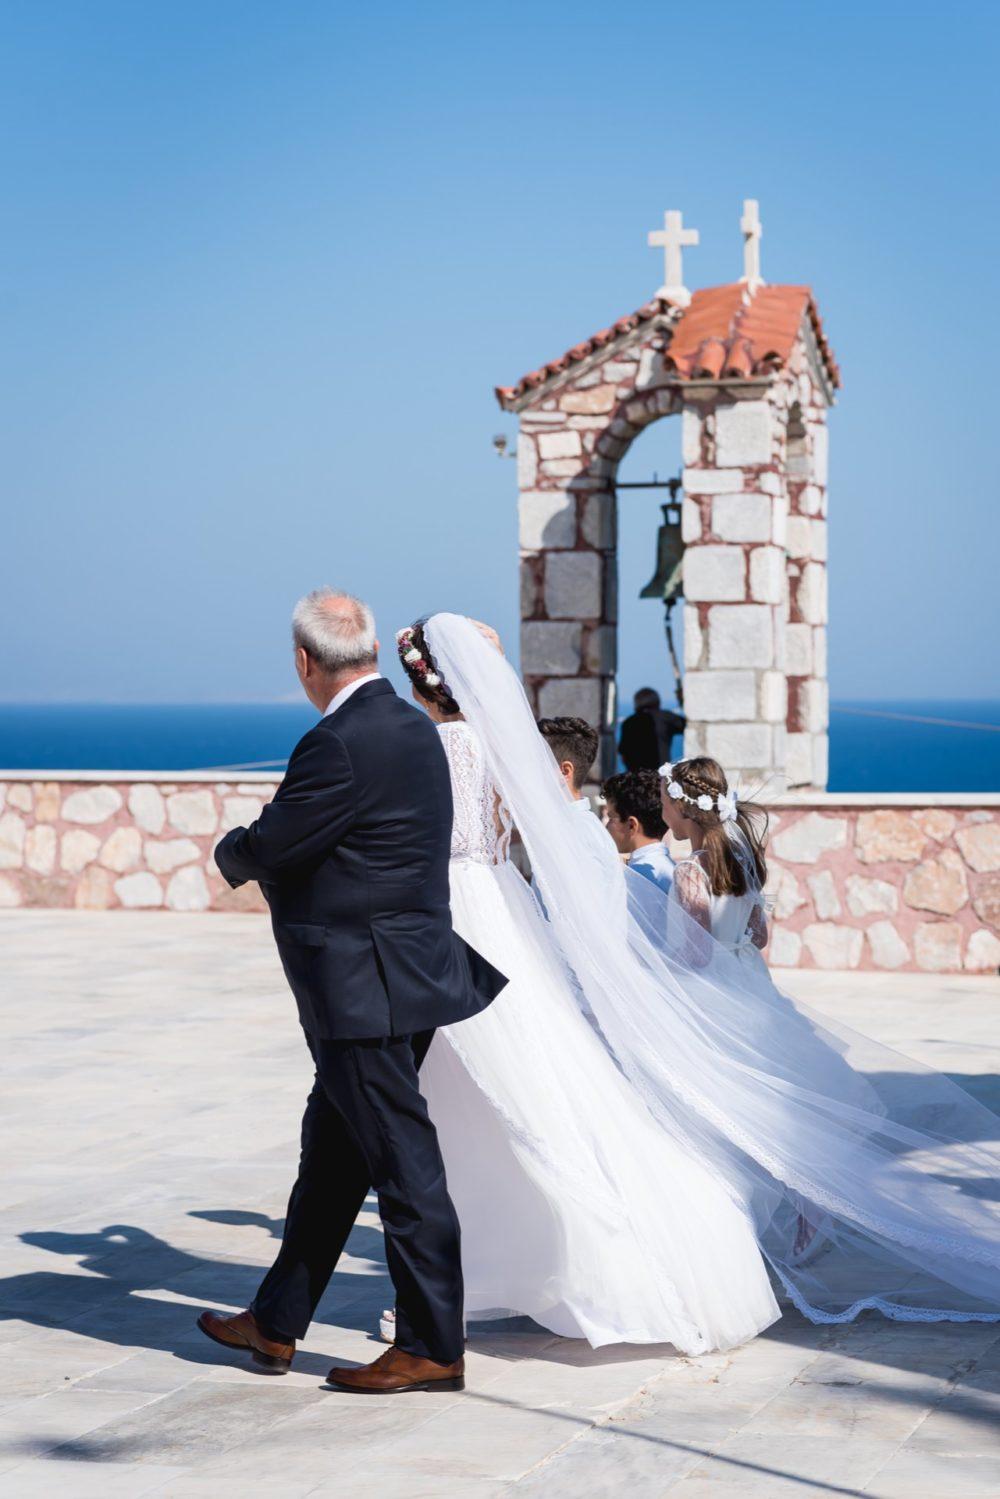 Fotografisi Gamou Wedding Gamos Fotografos Alekos & Mania089